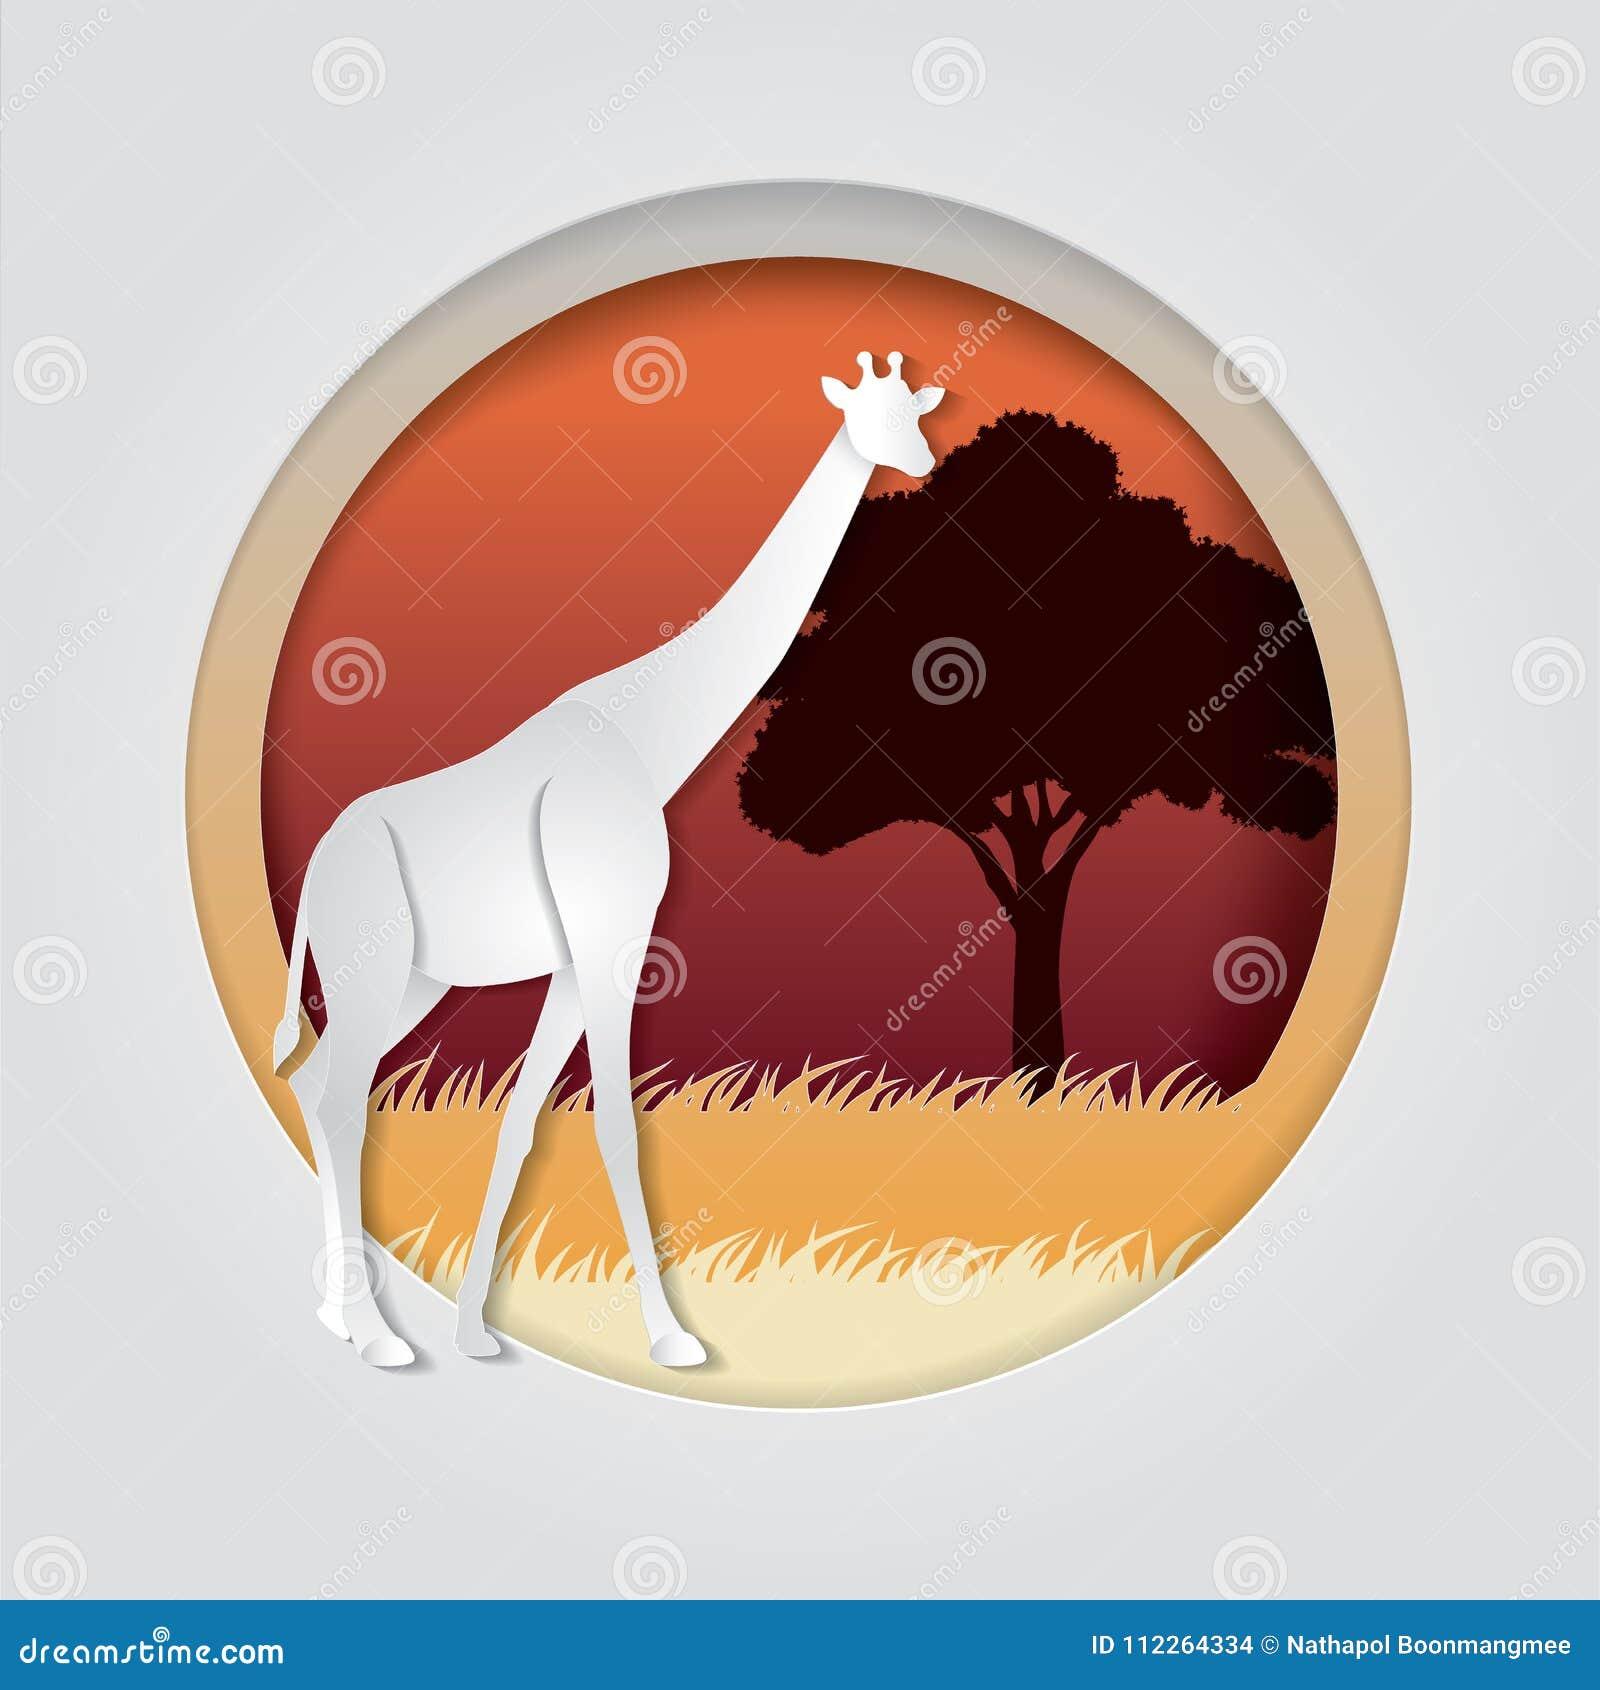 O girafa no papel na moda cortou o estilo do gráfico do ofício Projeto moderno para anunciar, cartão de marcagem com ferro quente